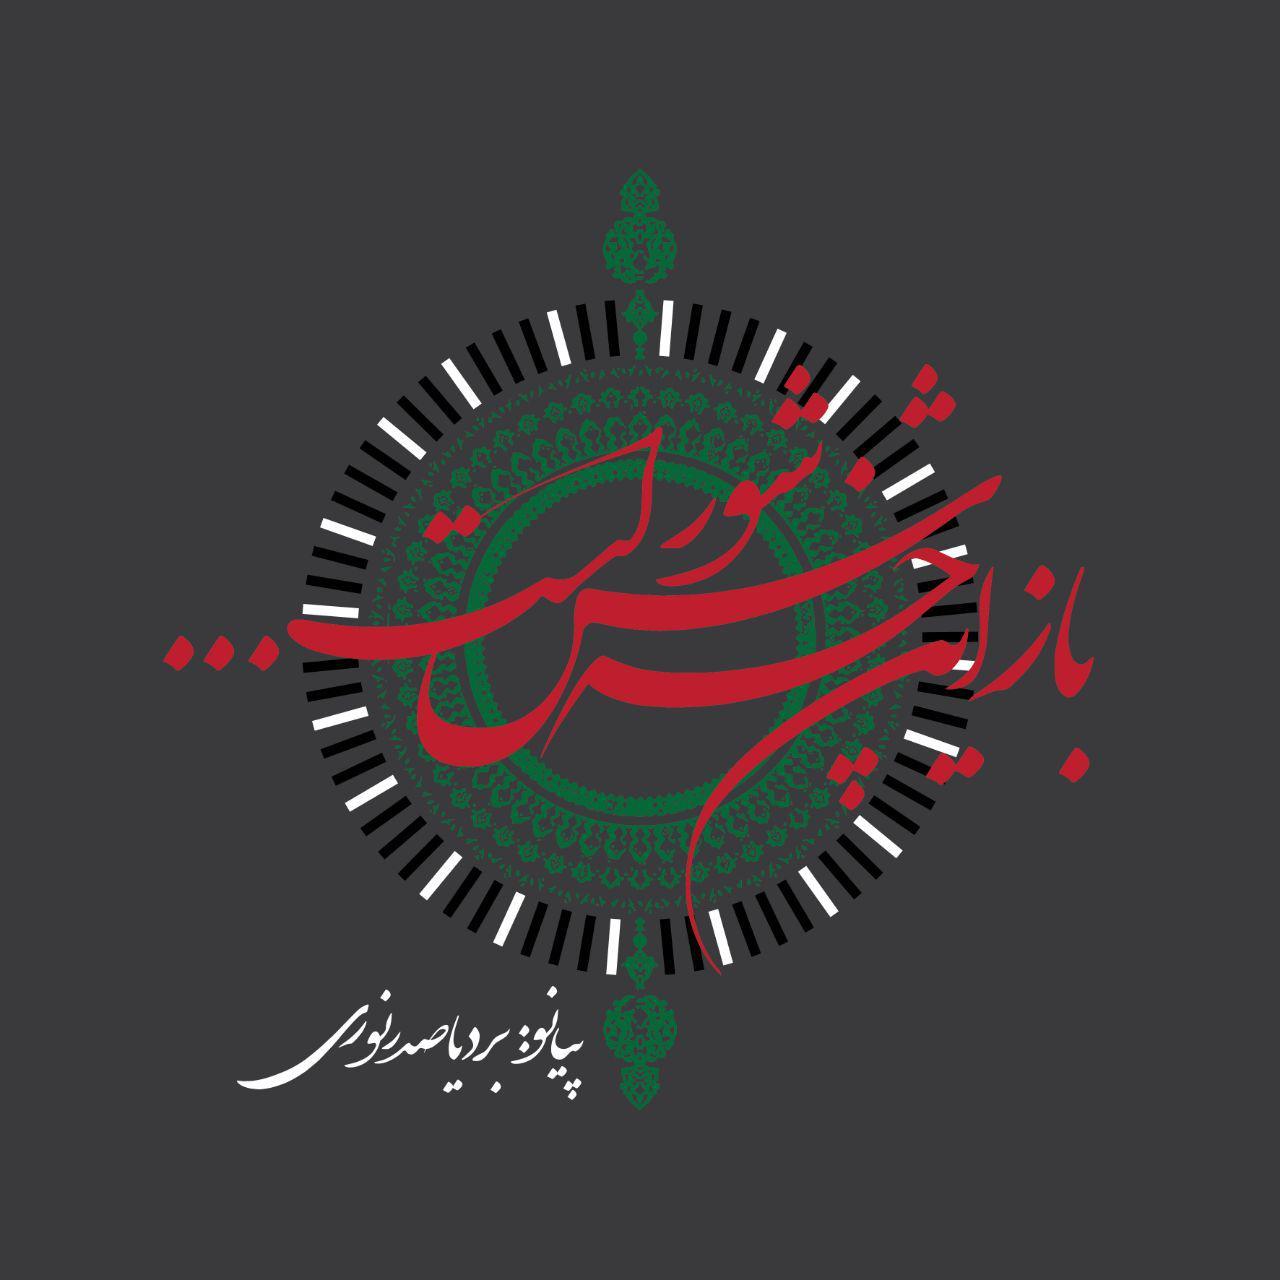 باشگاه خبرنگاران -بردیا صدرنوری تک آهنگ «باز این چه شورش است...» را منتشر کرد